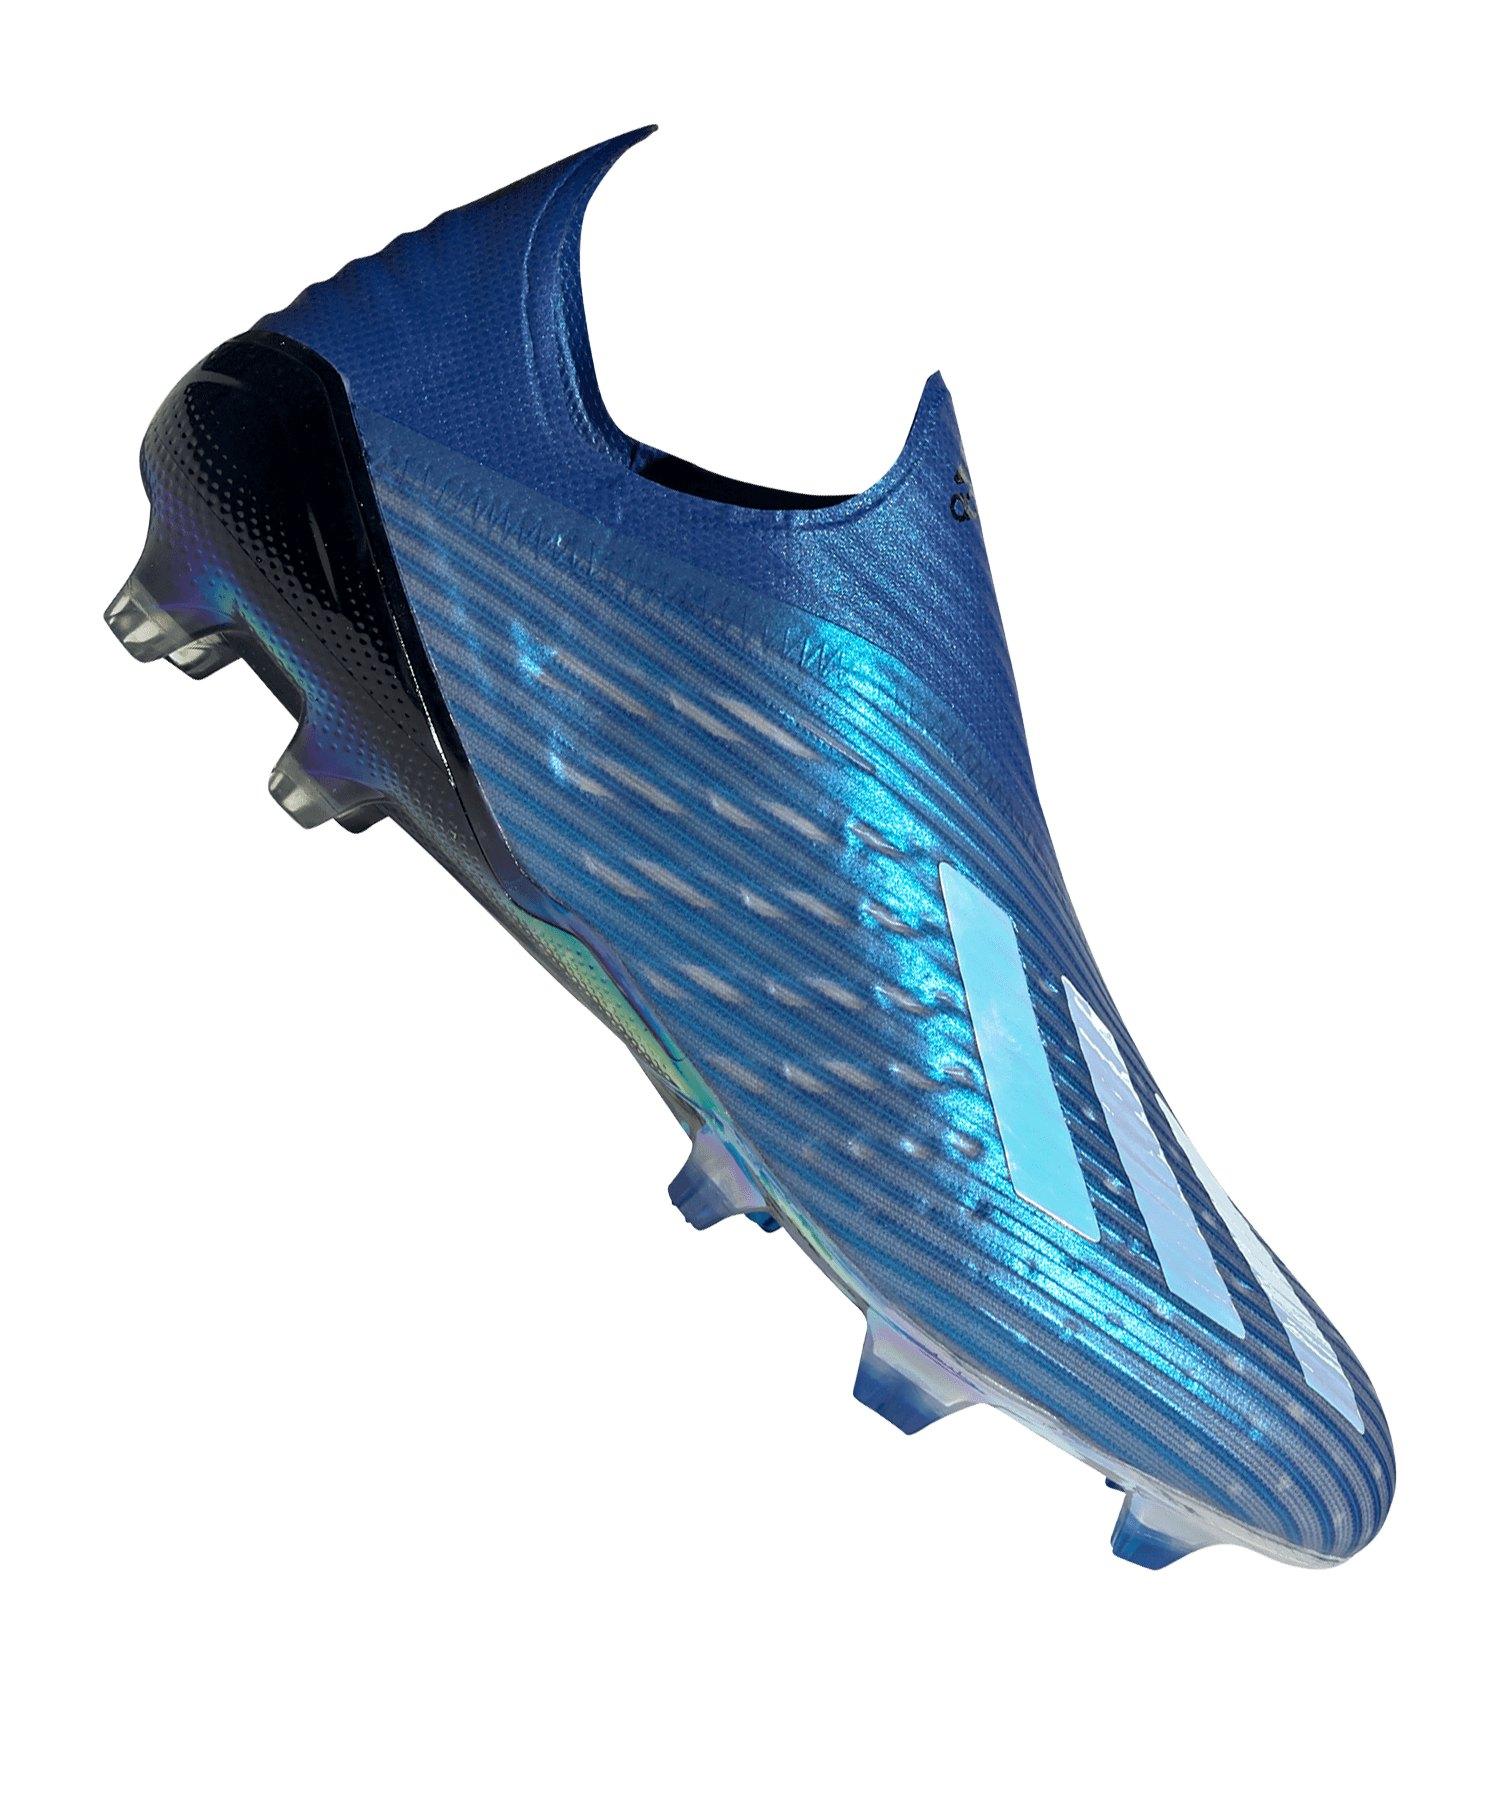 adidas X 19+ FG Blau Schwarz - blau